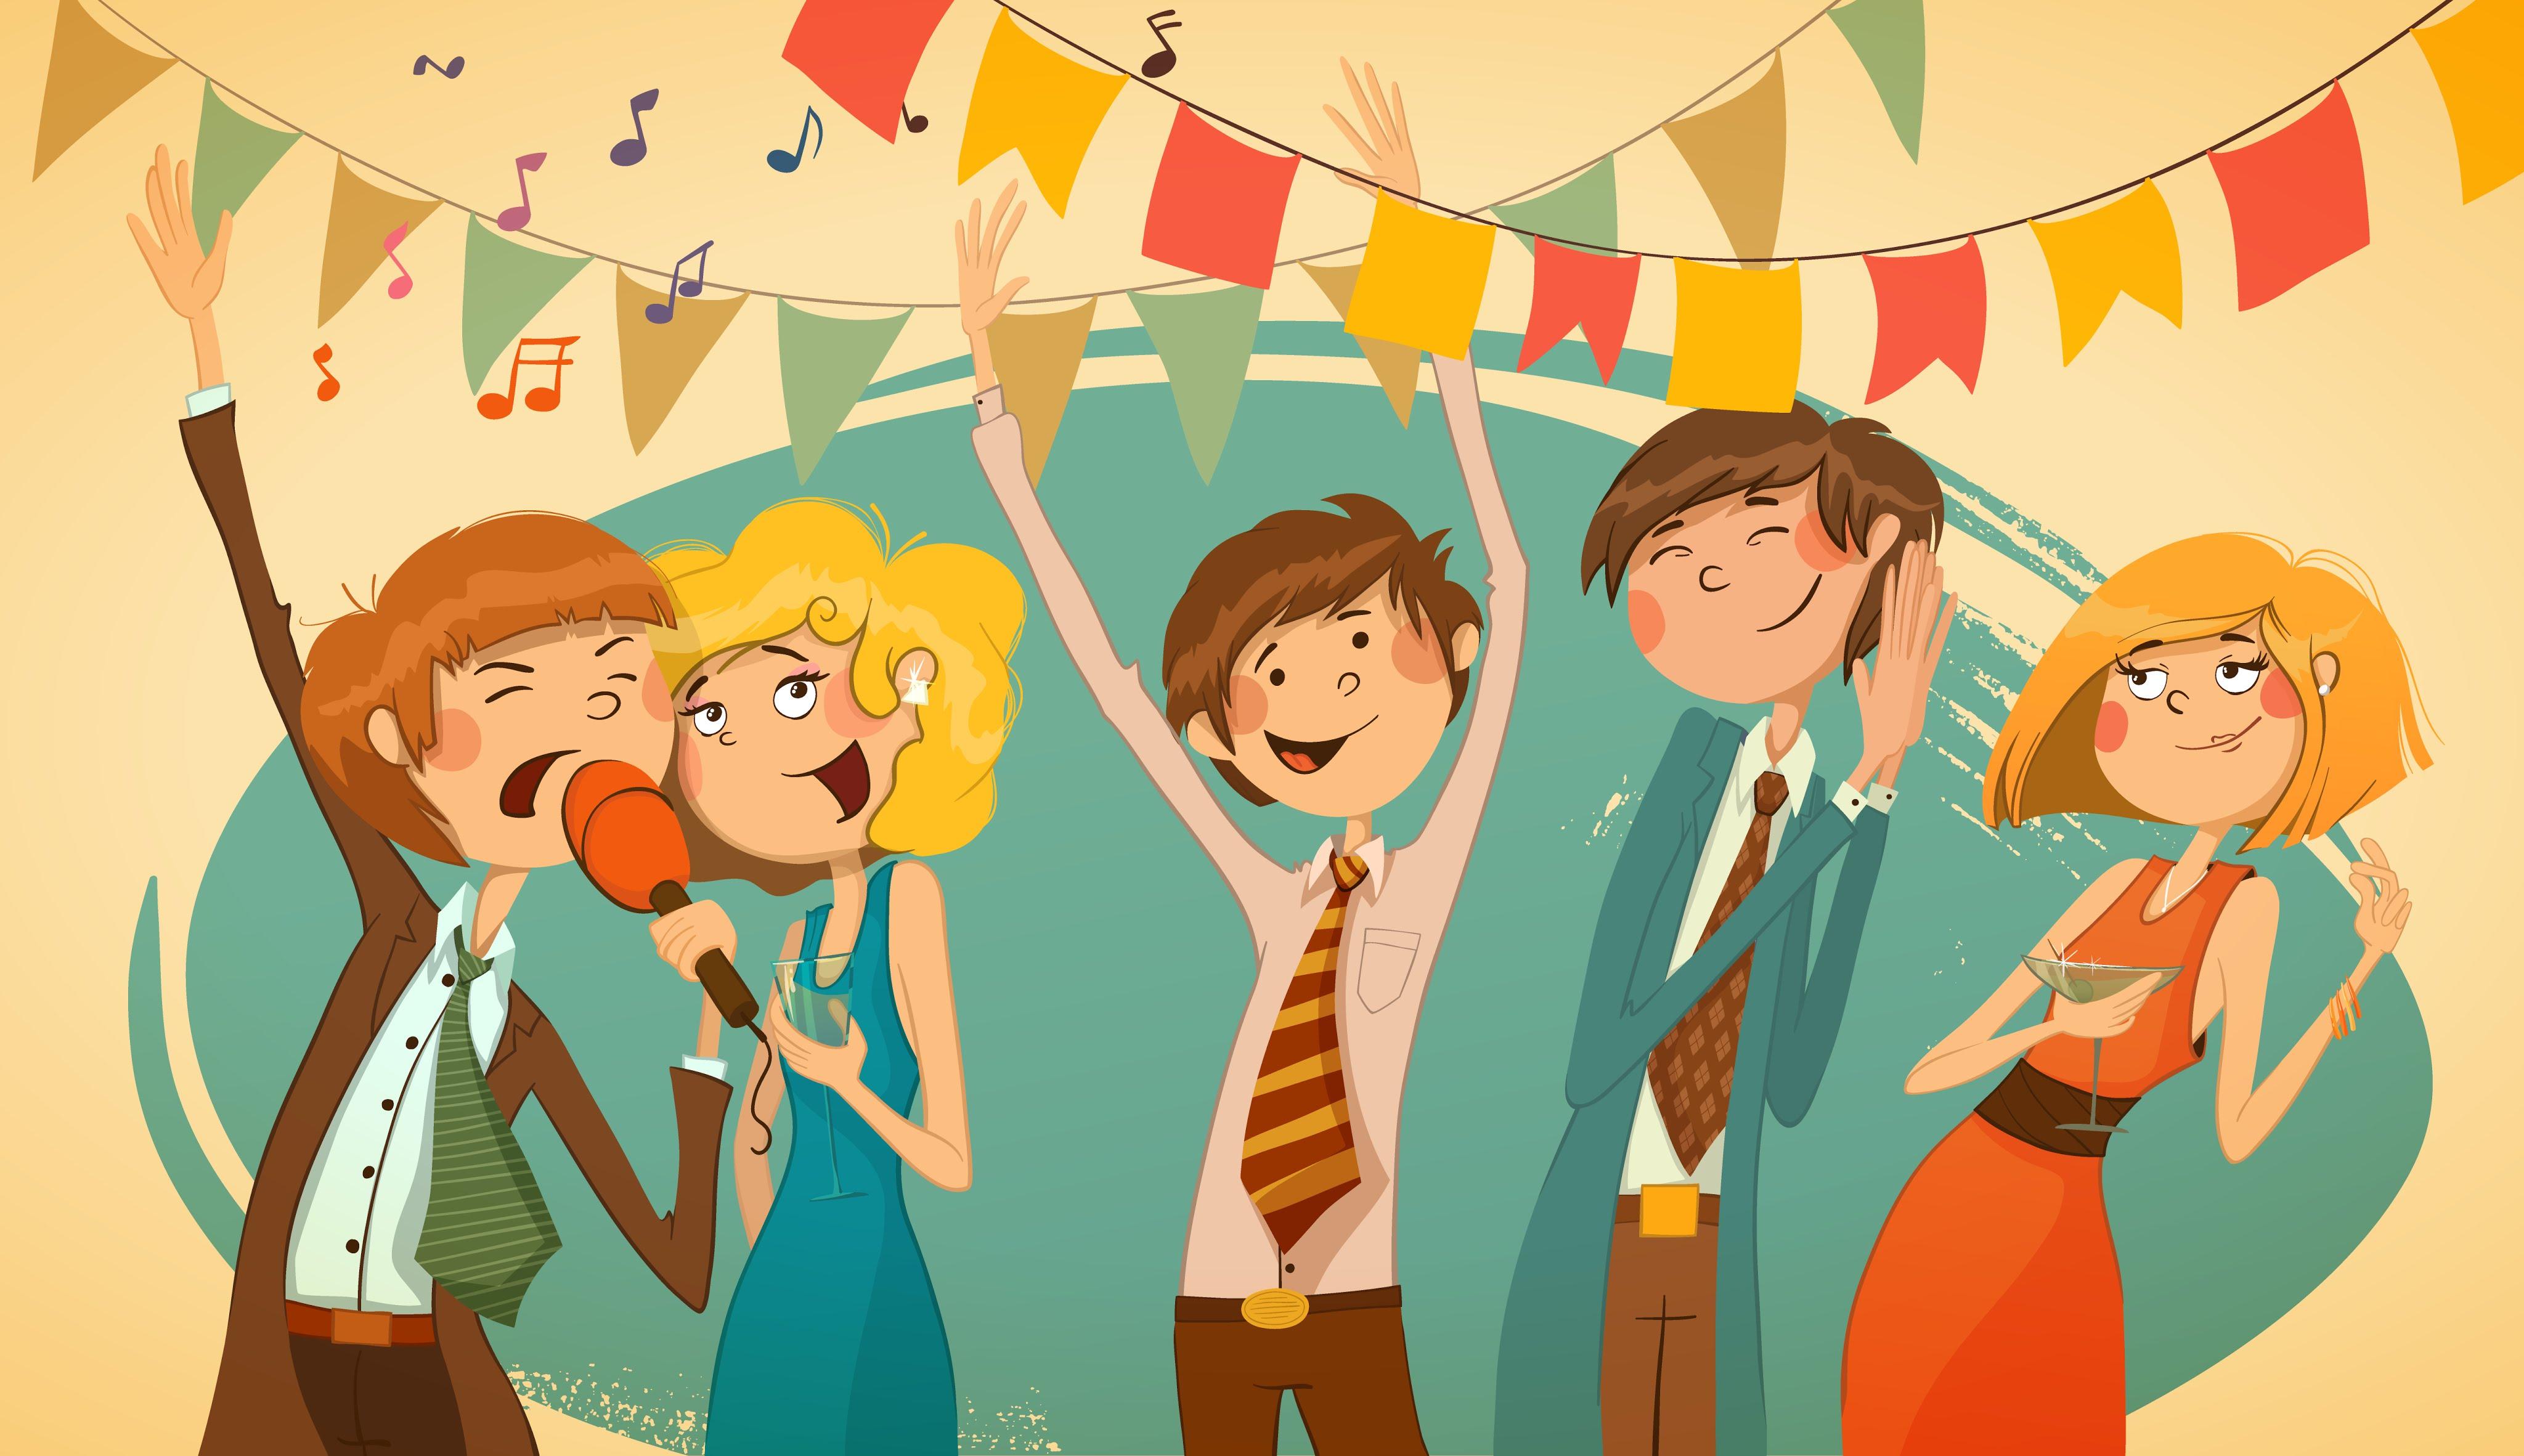 Поздравление для одноклассников на встрече с одноклассниками